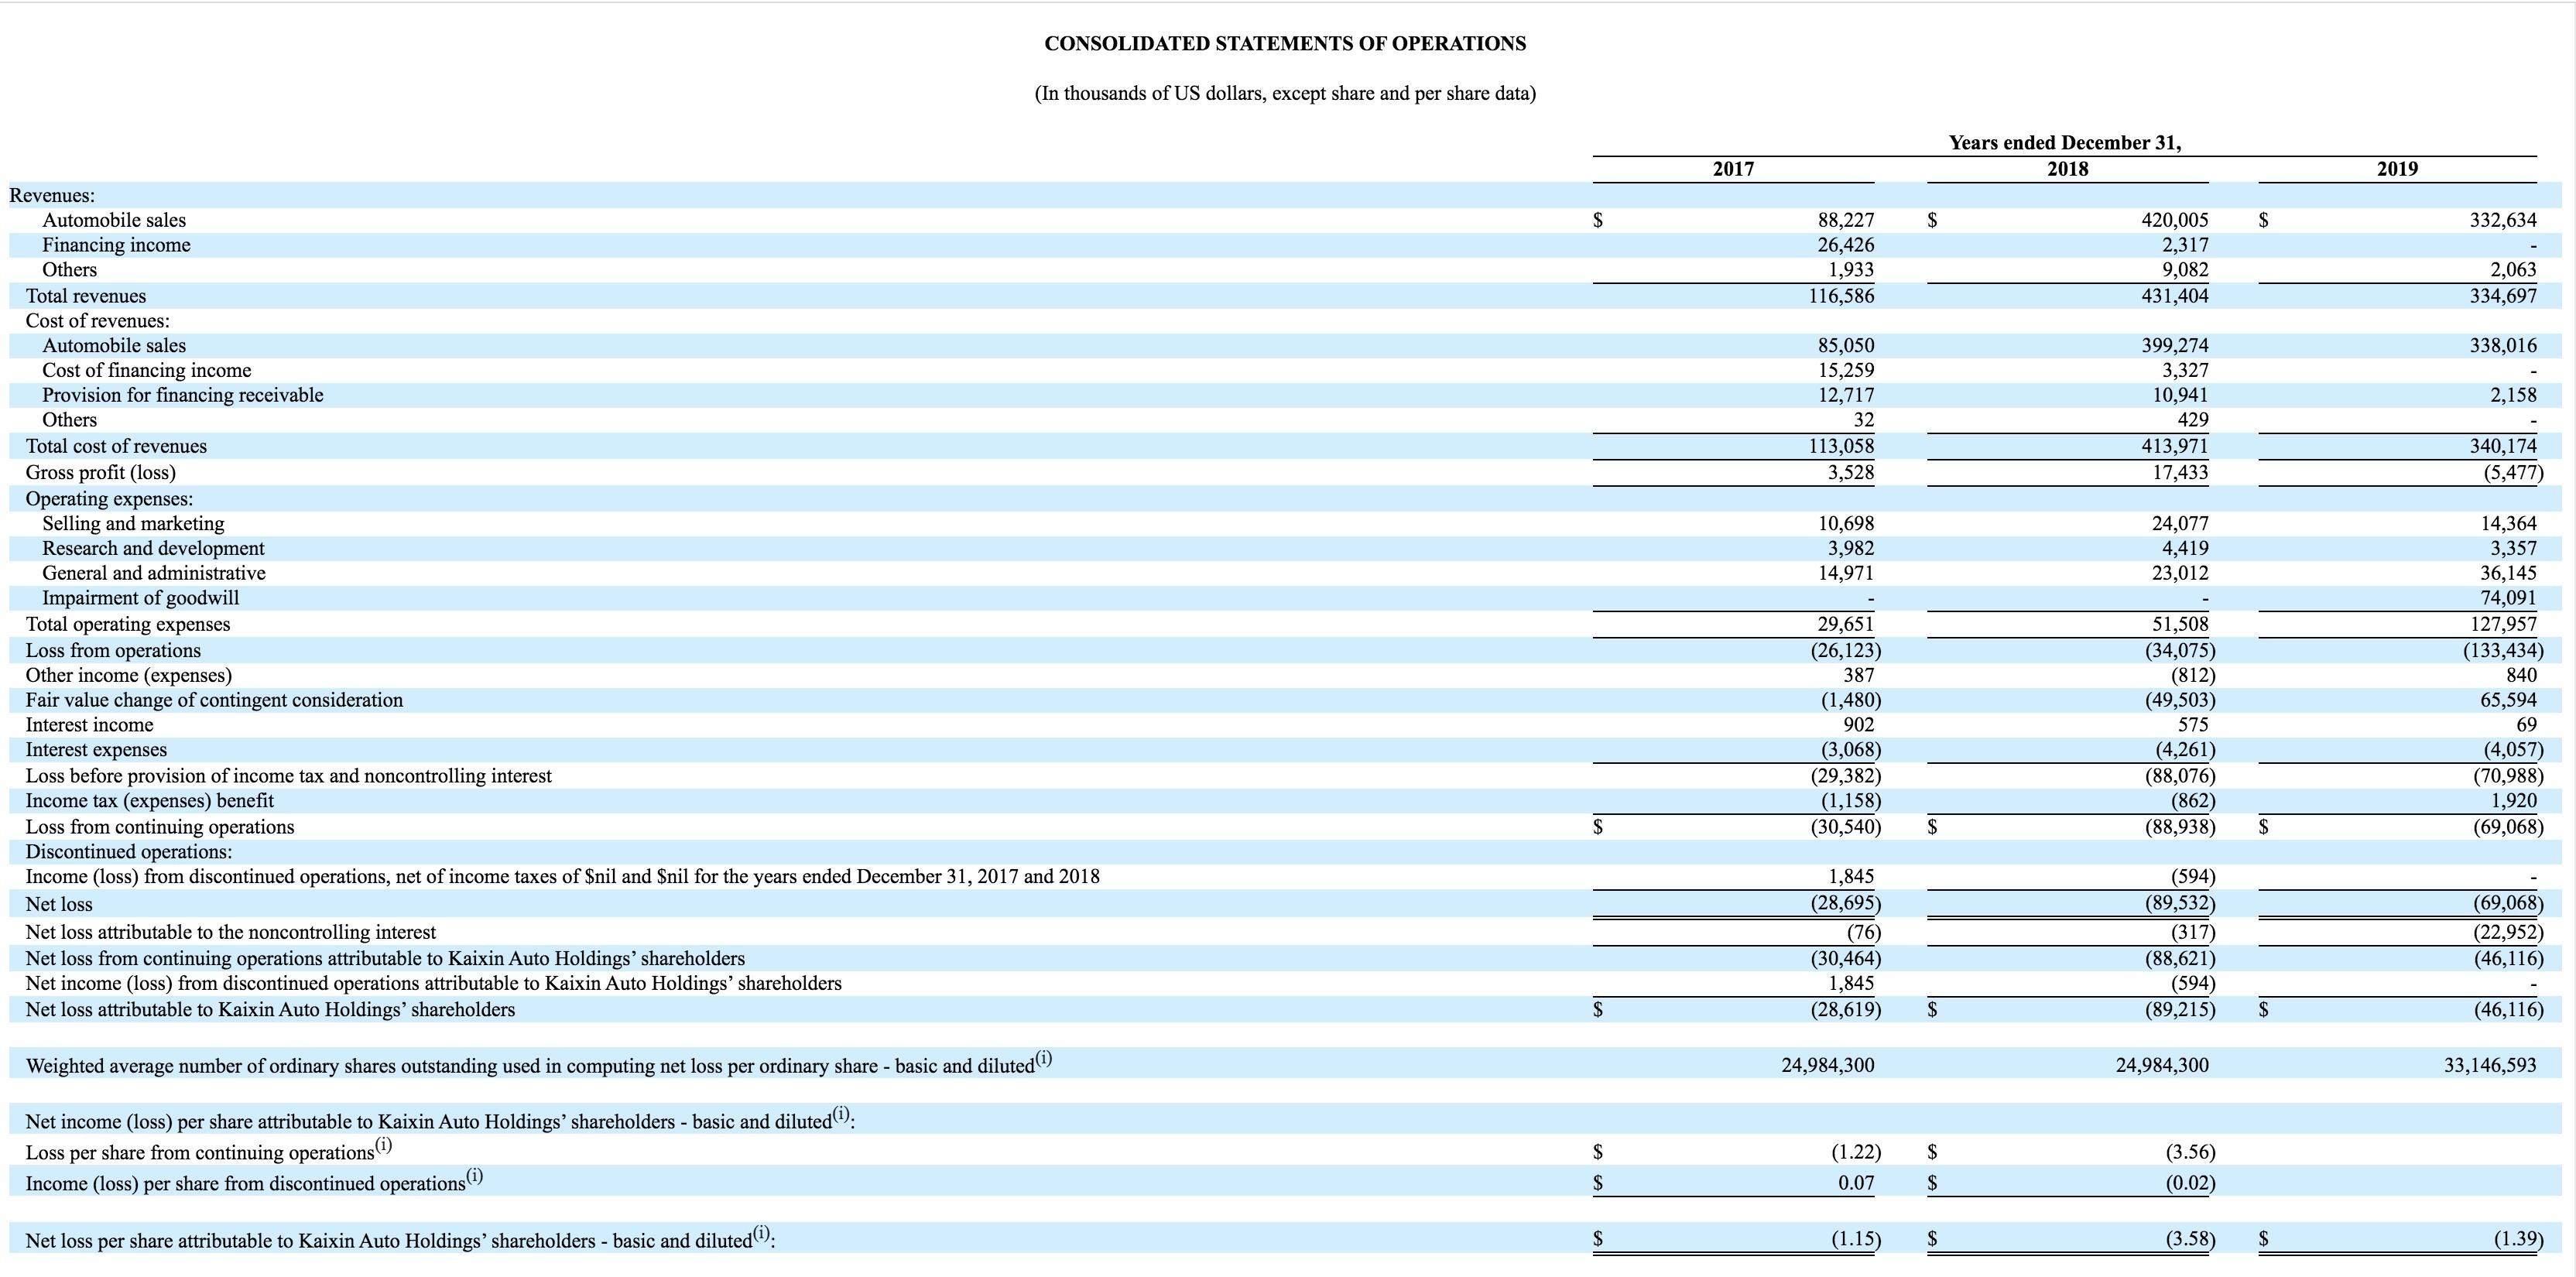 开心汽车(KXIN.US)2019年年报:净营收同比下降22.4%,人人网(RENN.US)持股近八成